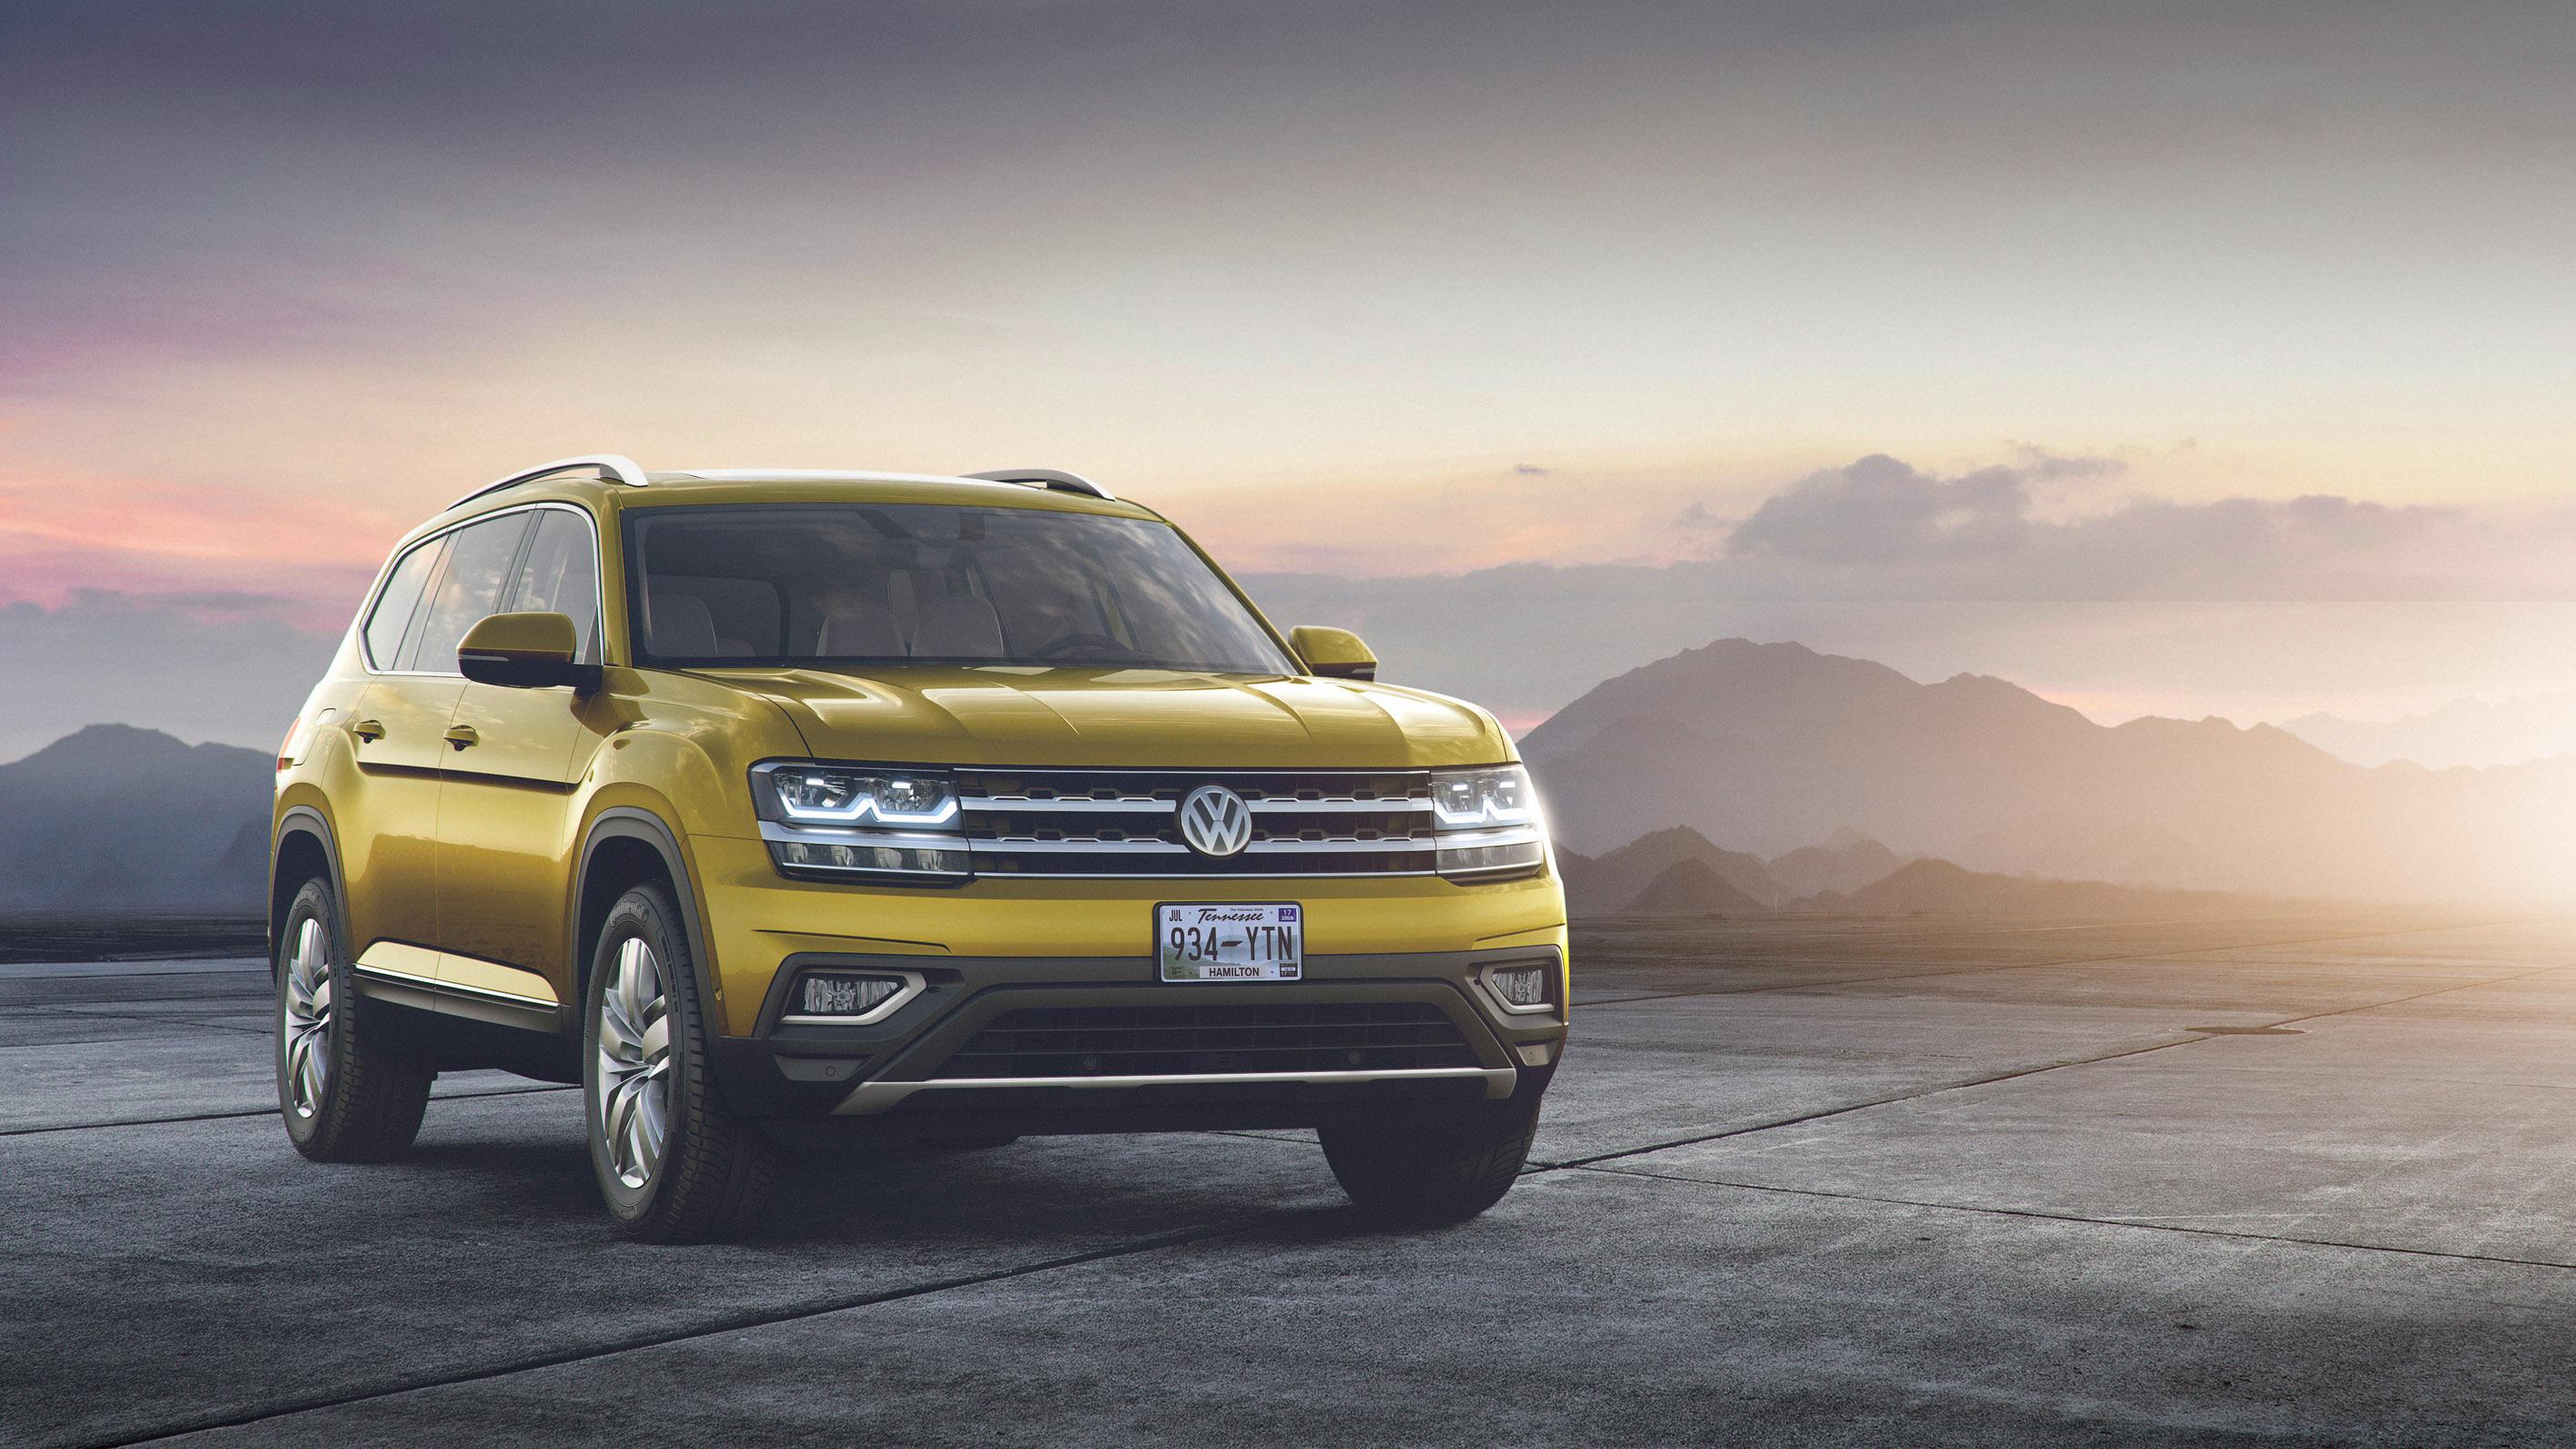 2018 Volkswagen Atlas Wallpaper  Hd Car Wallpapers  Id #7116